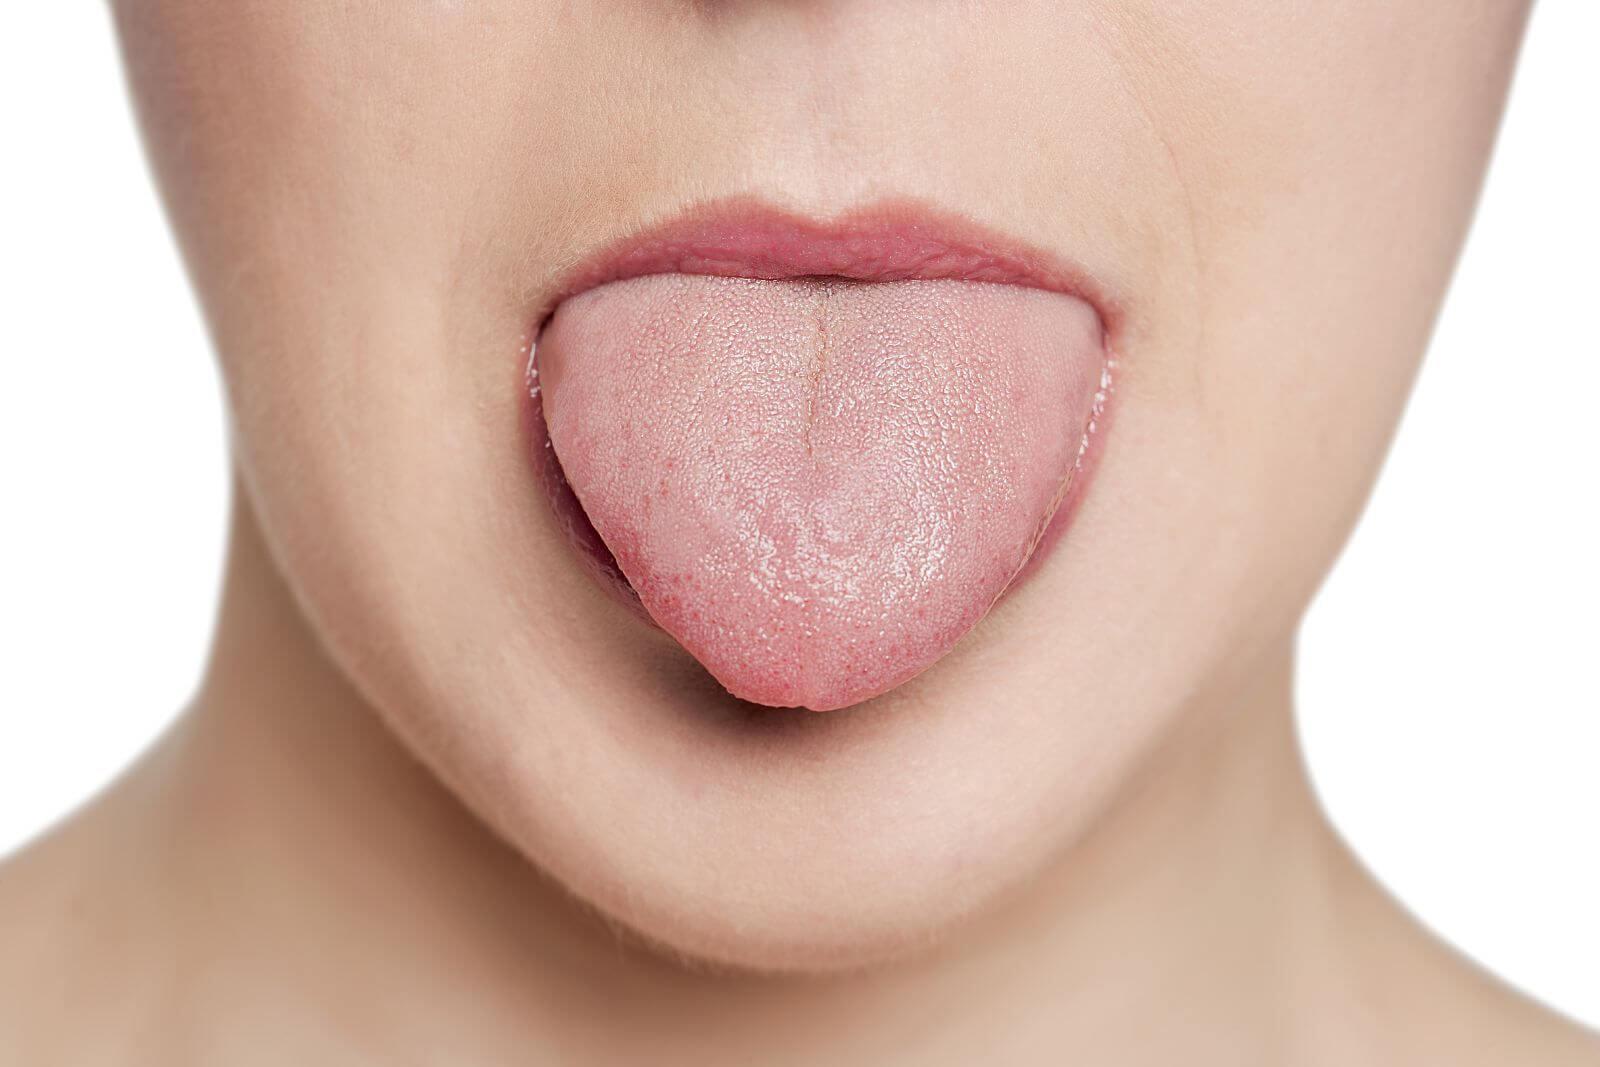 Онемение и жжение языка при шейном остеохондрозе – это один из симптомов проблем с позвоночником. Онемение головы при шейном остеохондрозе